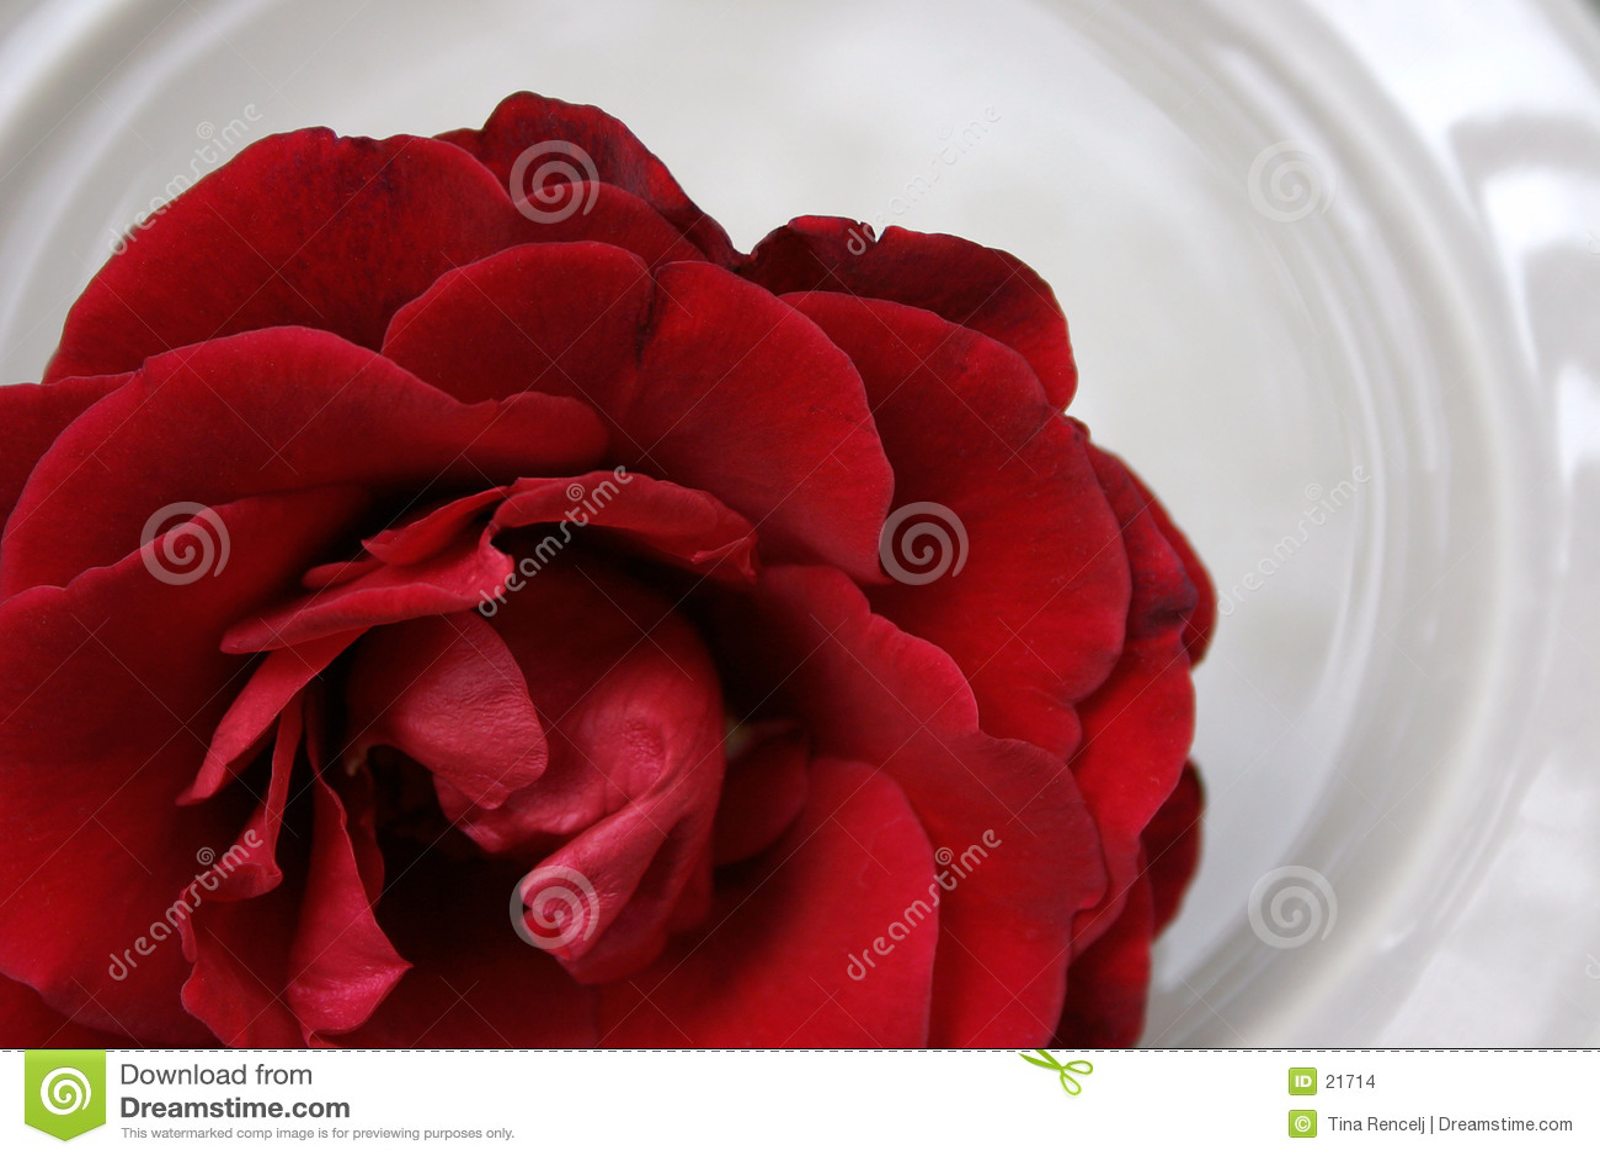 Rosa vermelha na porcelana